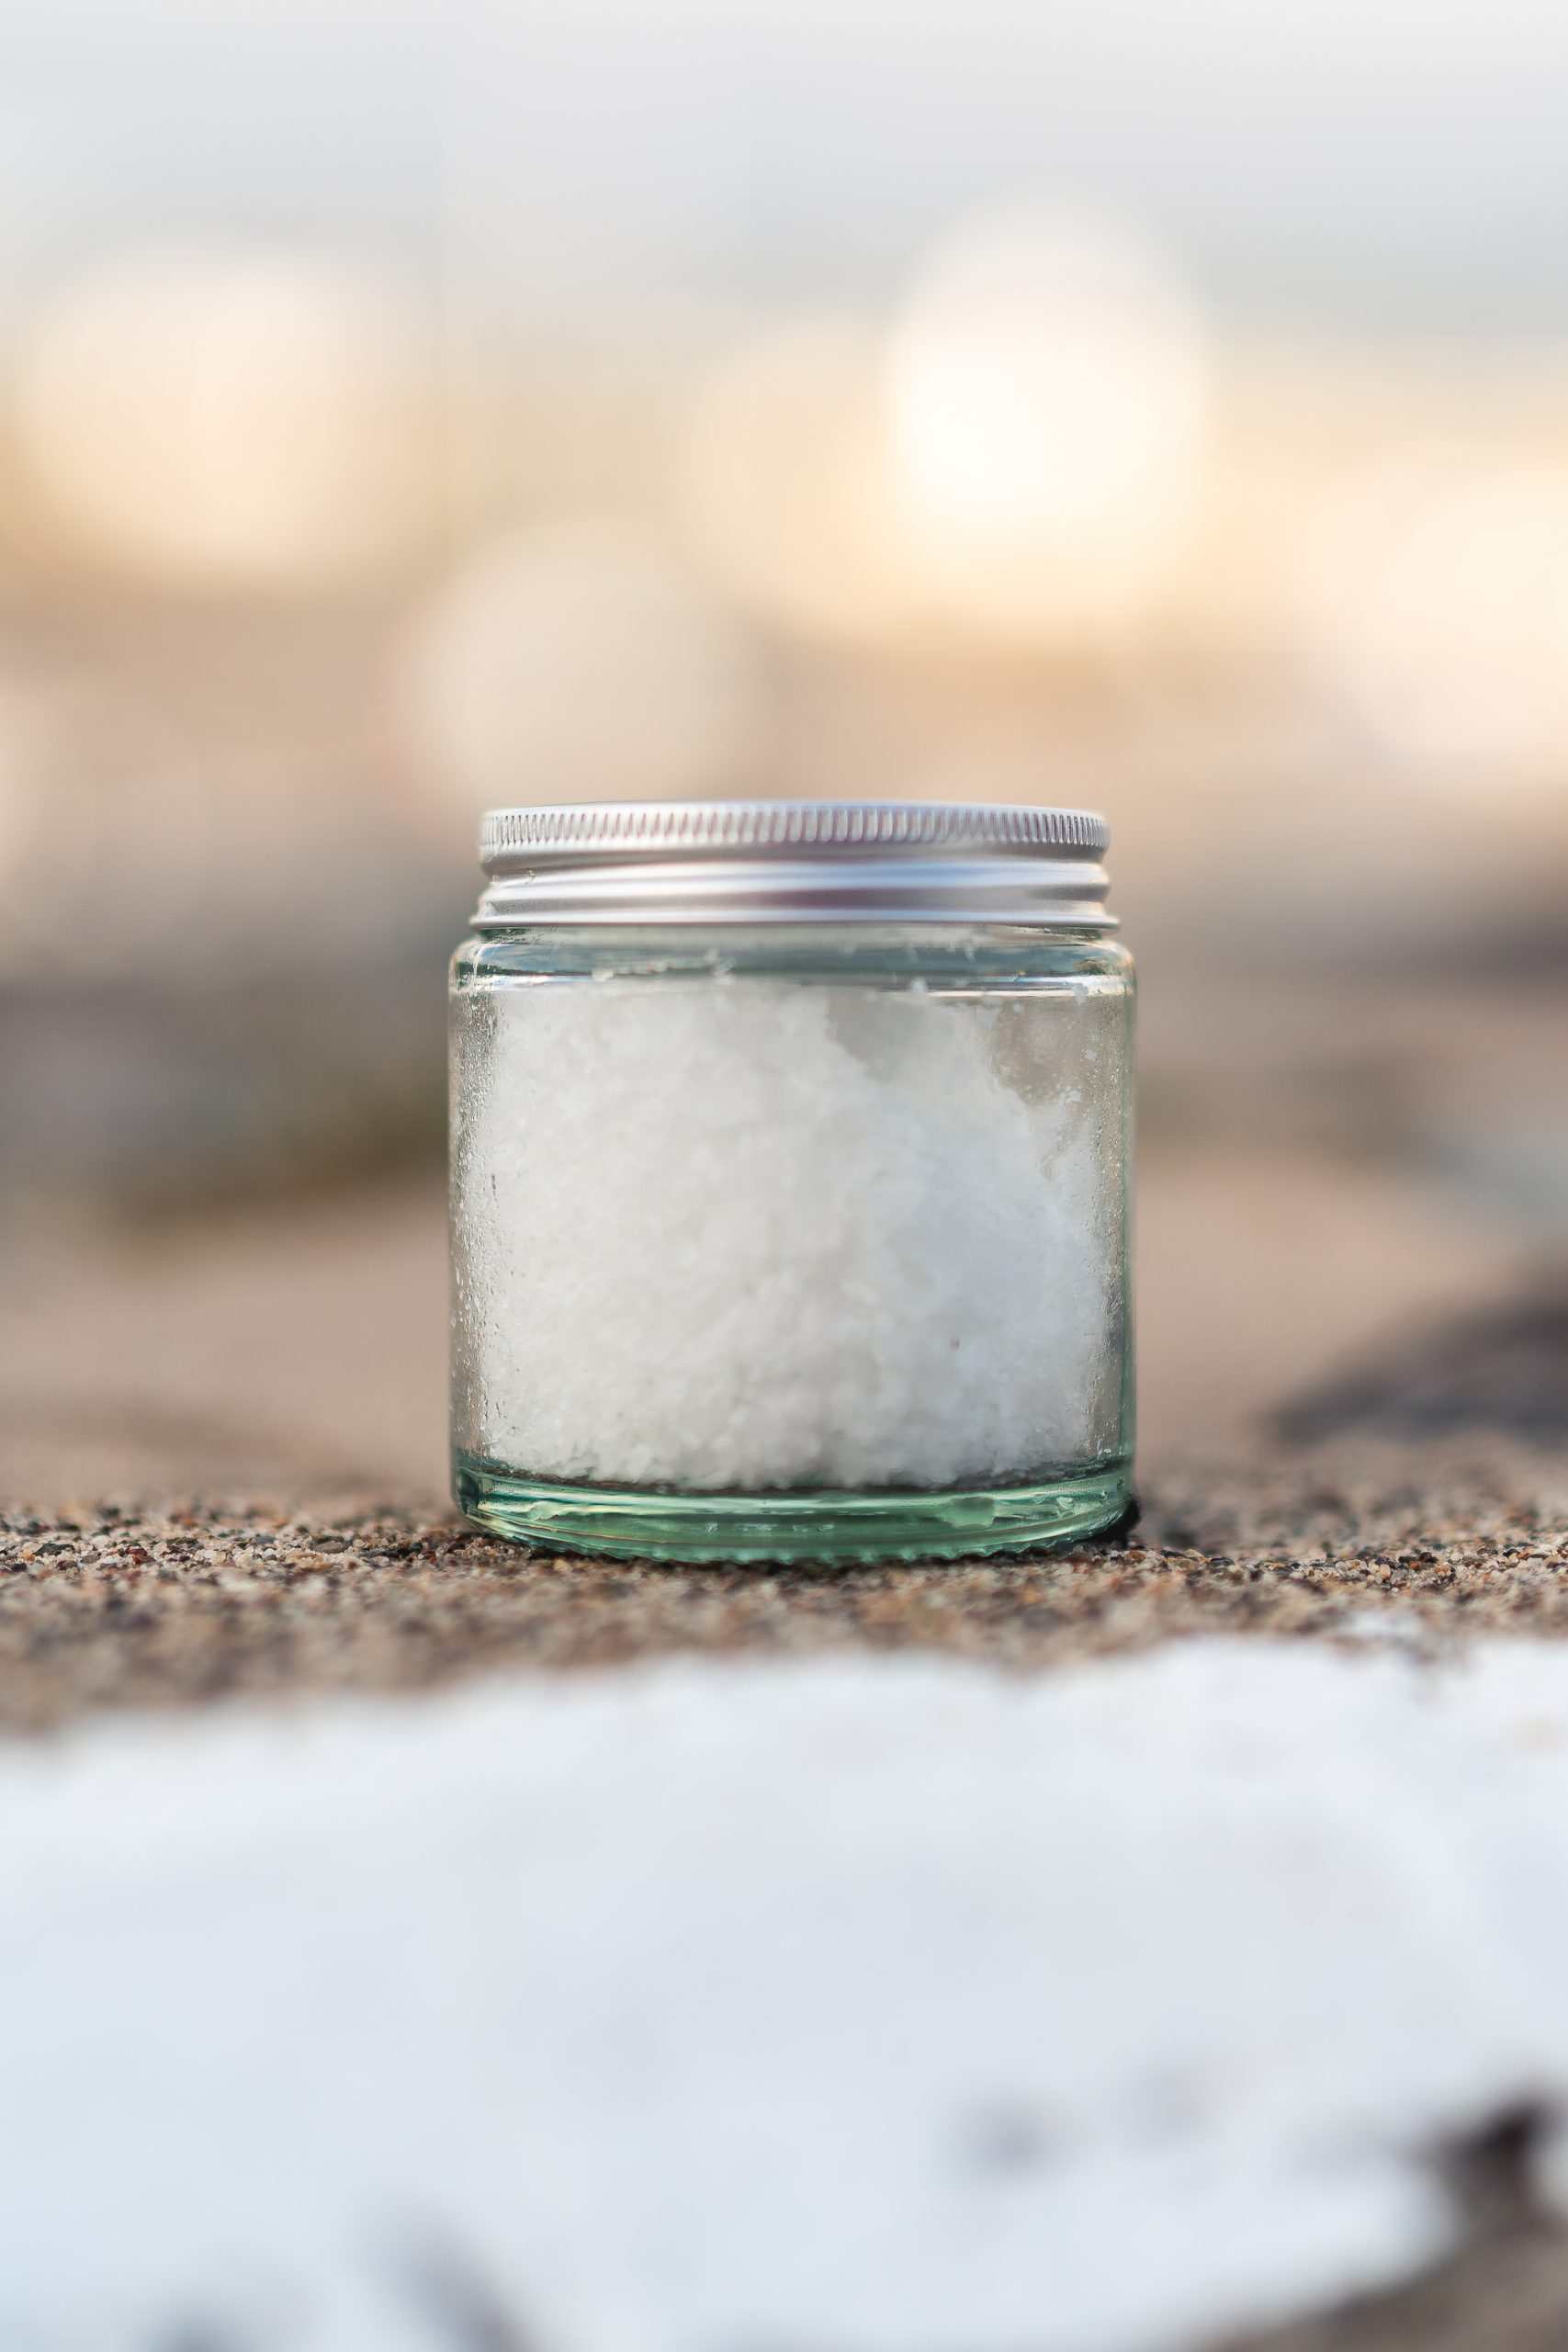 Helen from IOM Salt Co